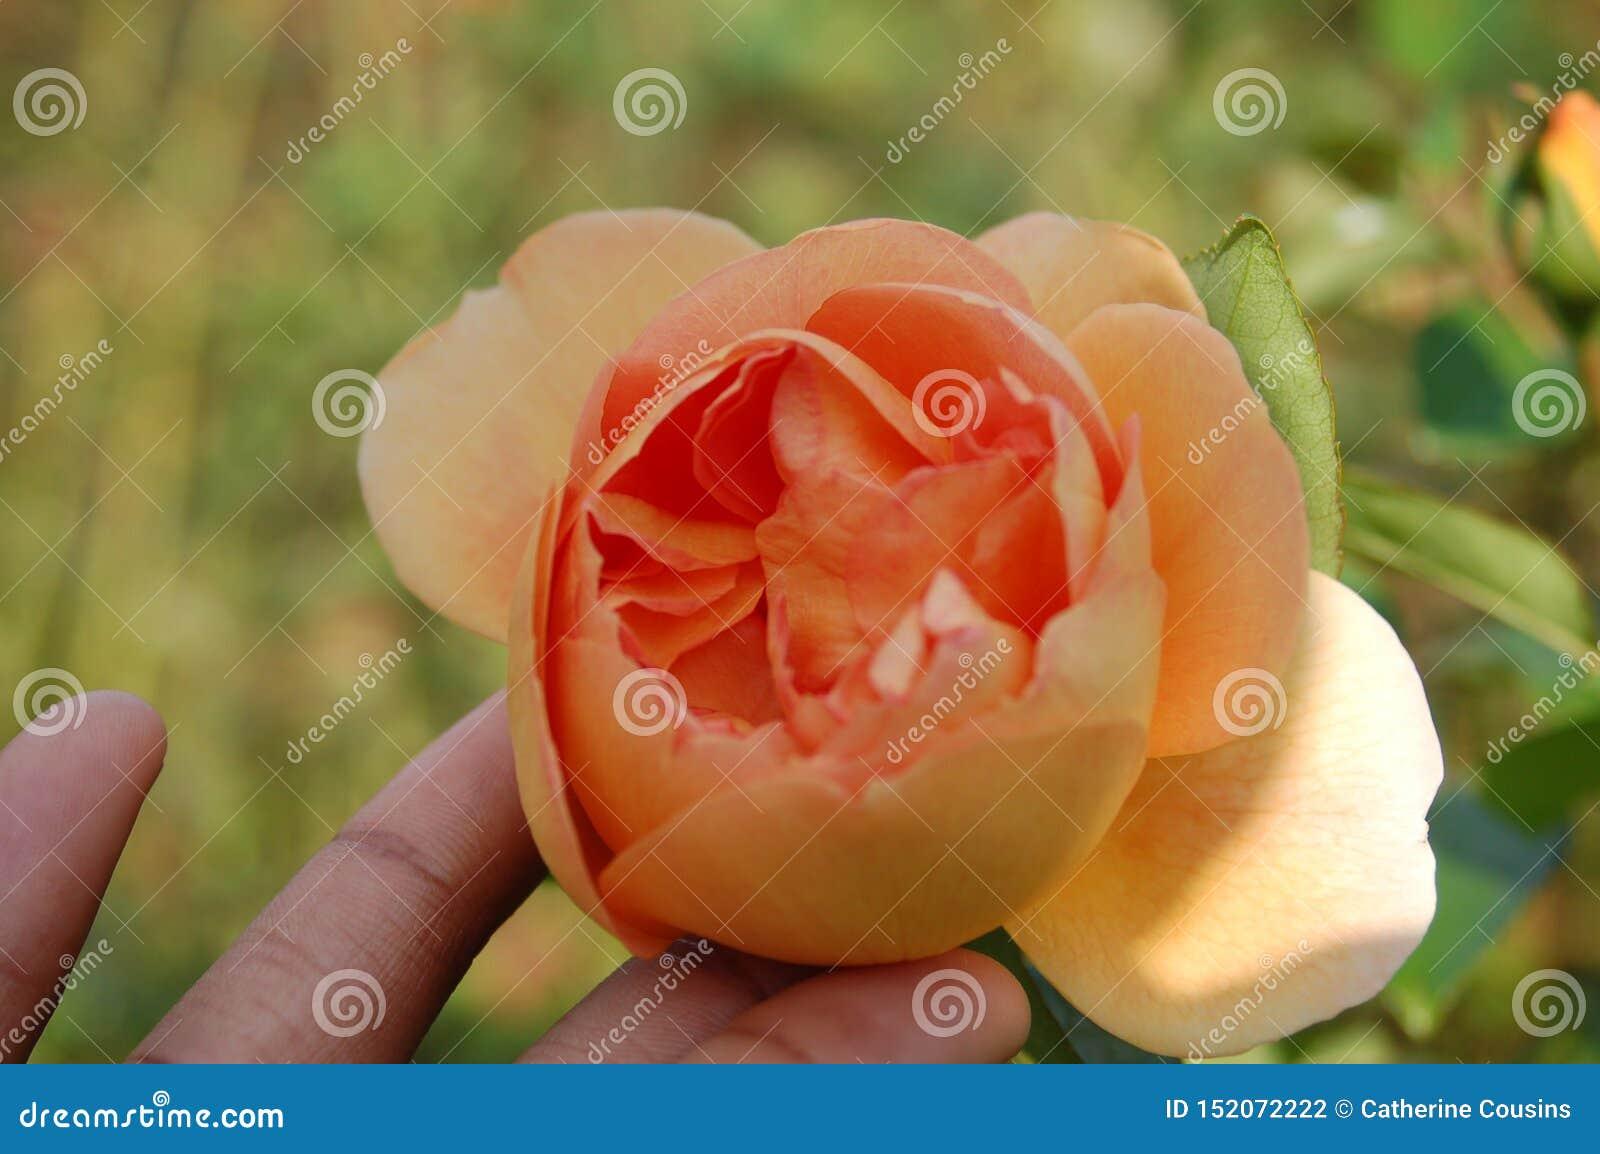 Flor del melocotón en yemas del dedo entre campo borroso